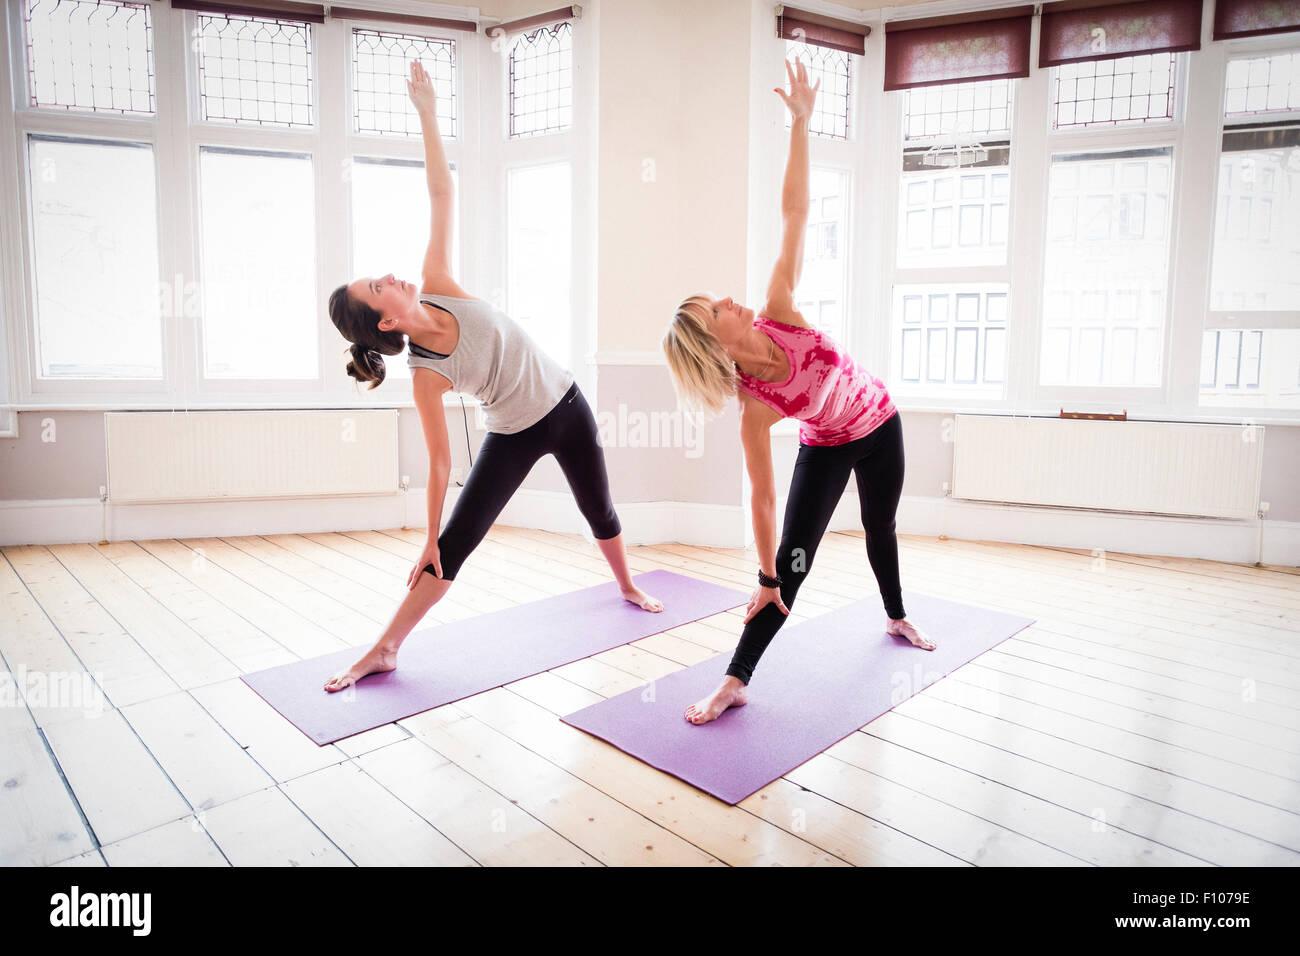 Modern Classroom Yoga ~ Iyengar stock photos images alamy